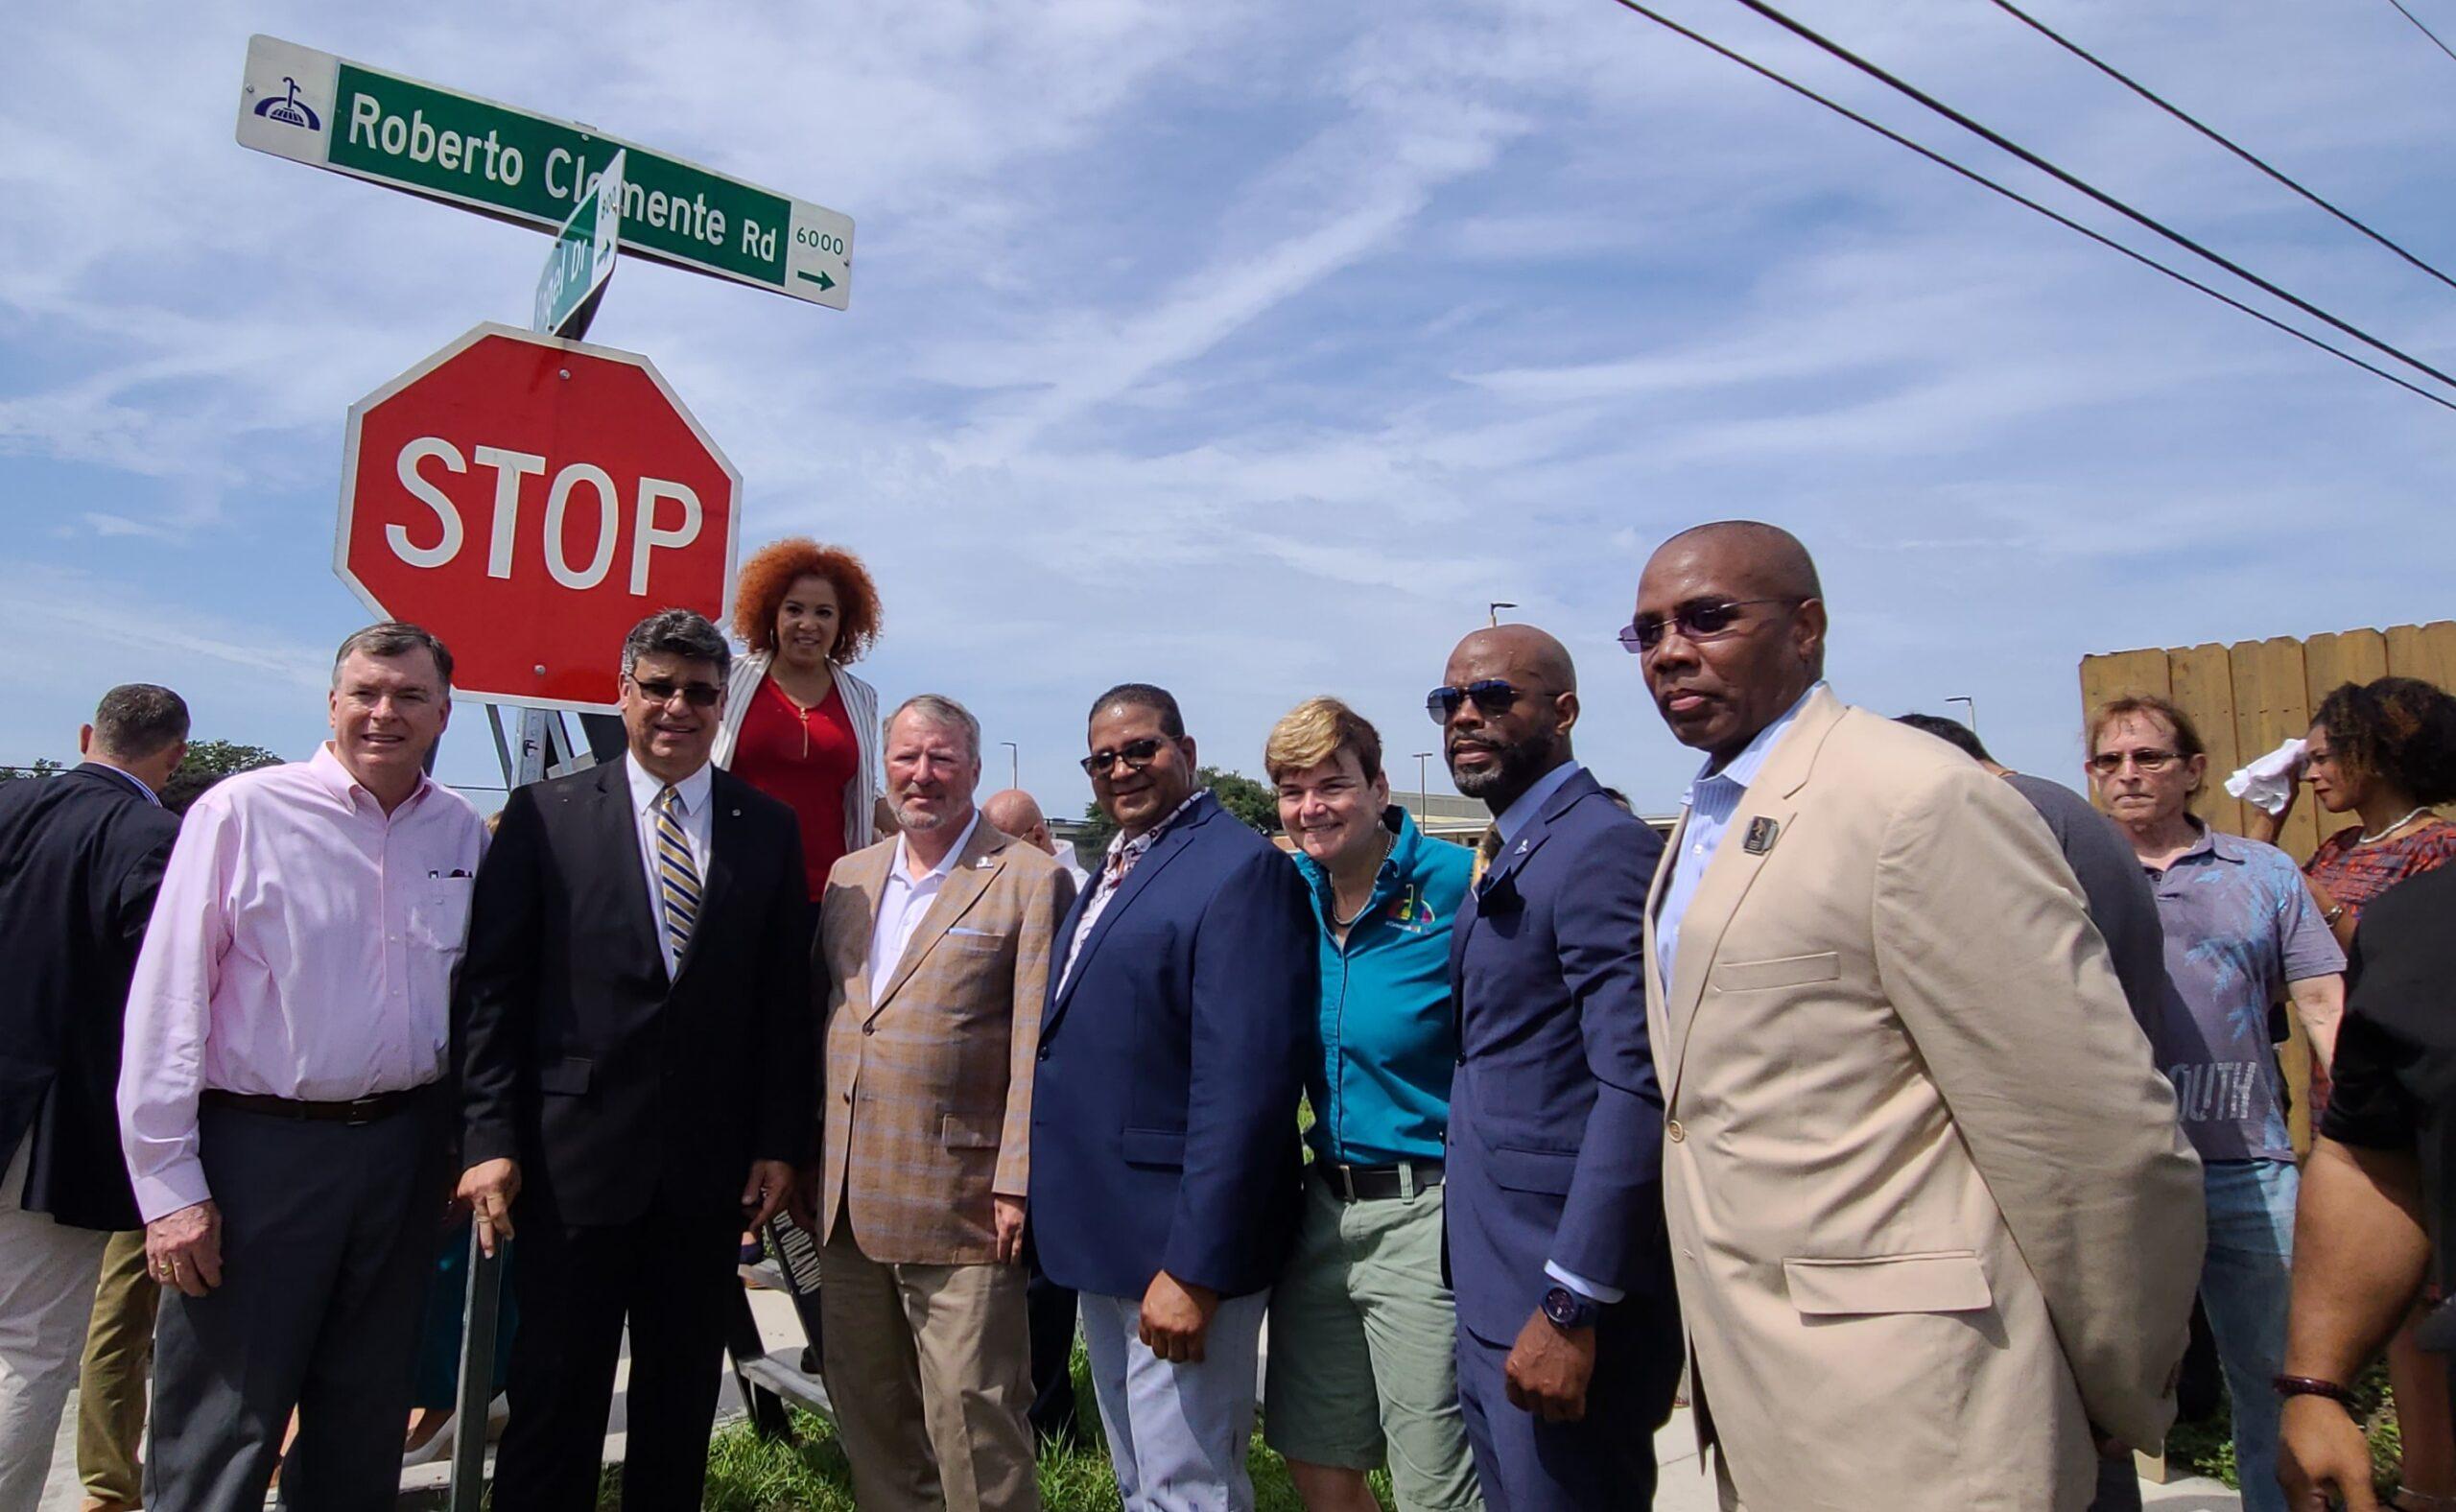 En histórica ceremonia líderes de Orlando develan letrero de calle en honor a Roberto Clemente